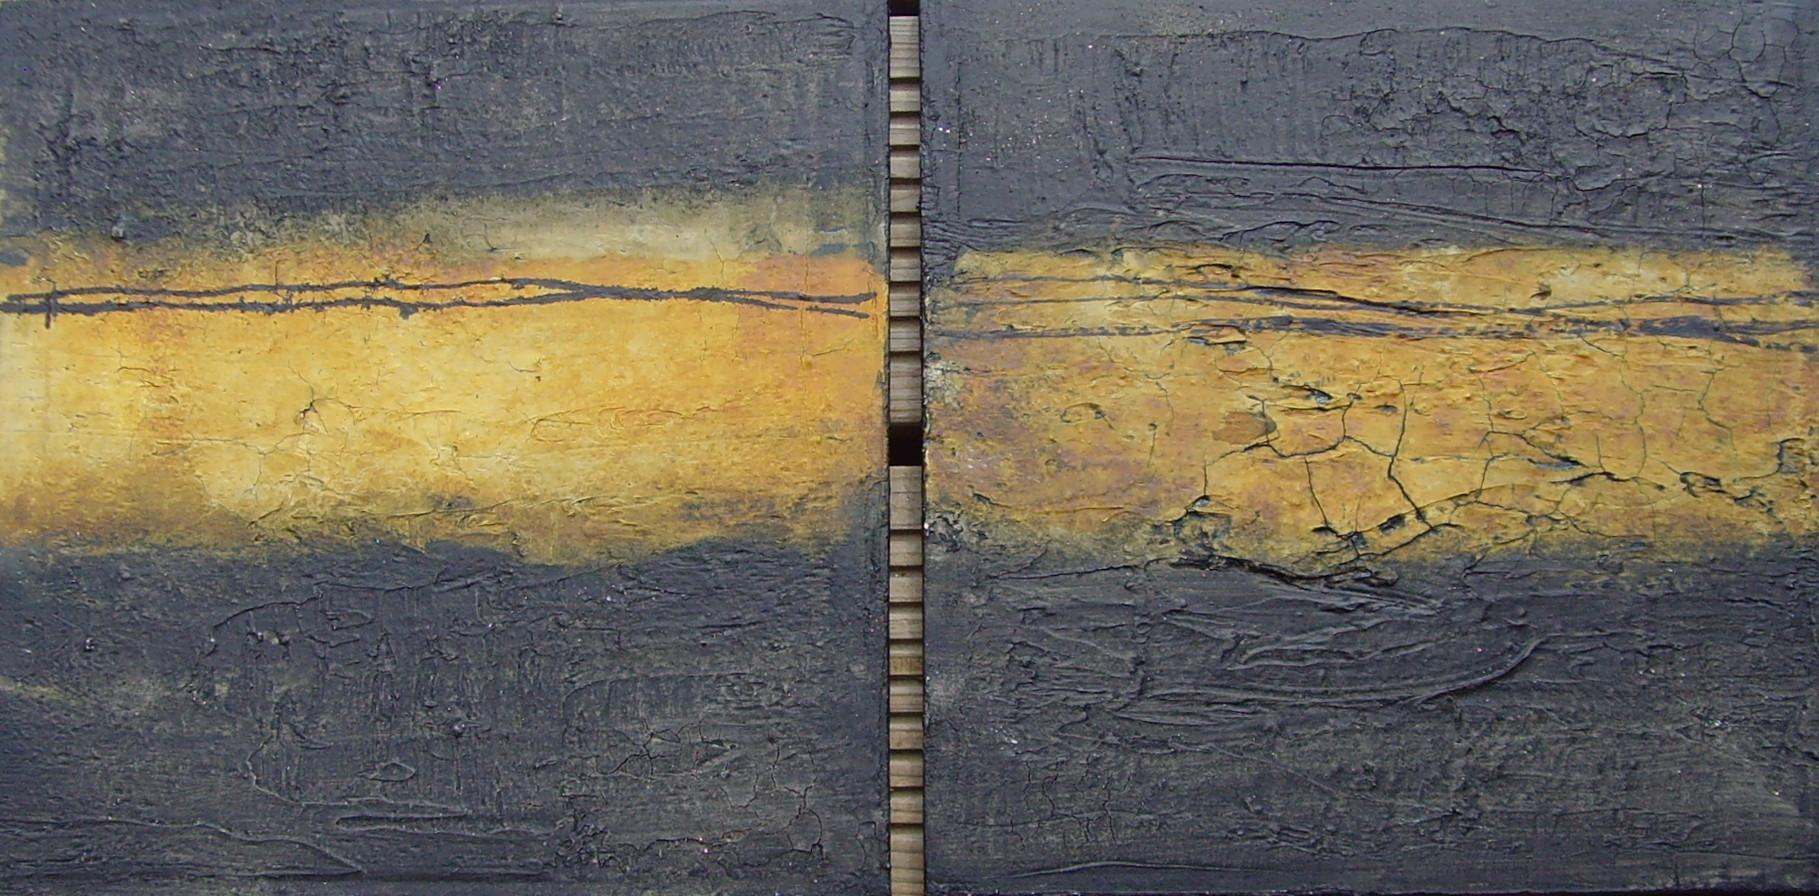 2 x Ocker-Schwarz, 40 cm x 40xm, Mixed Media